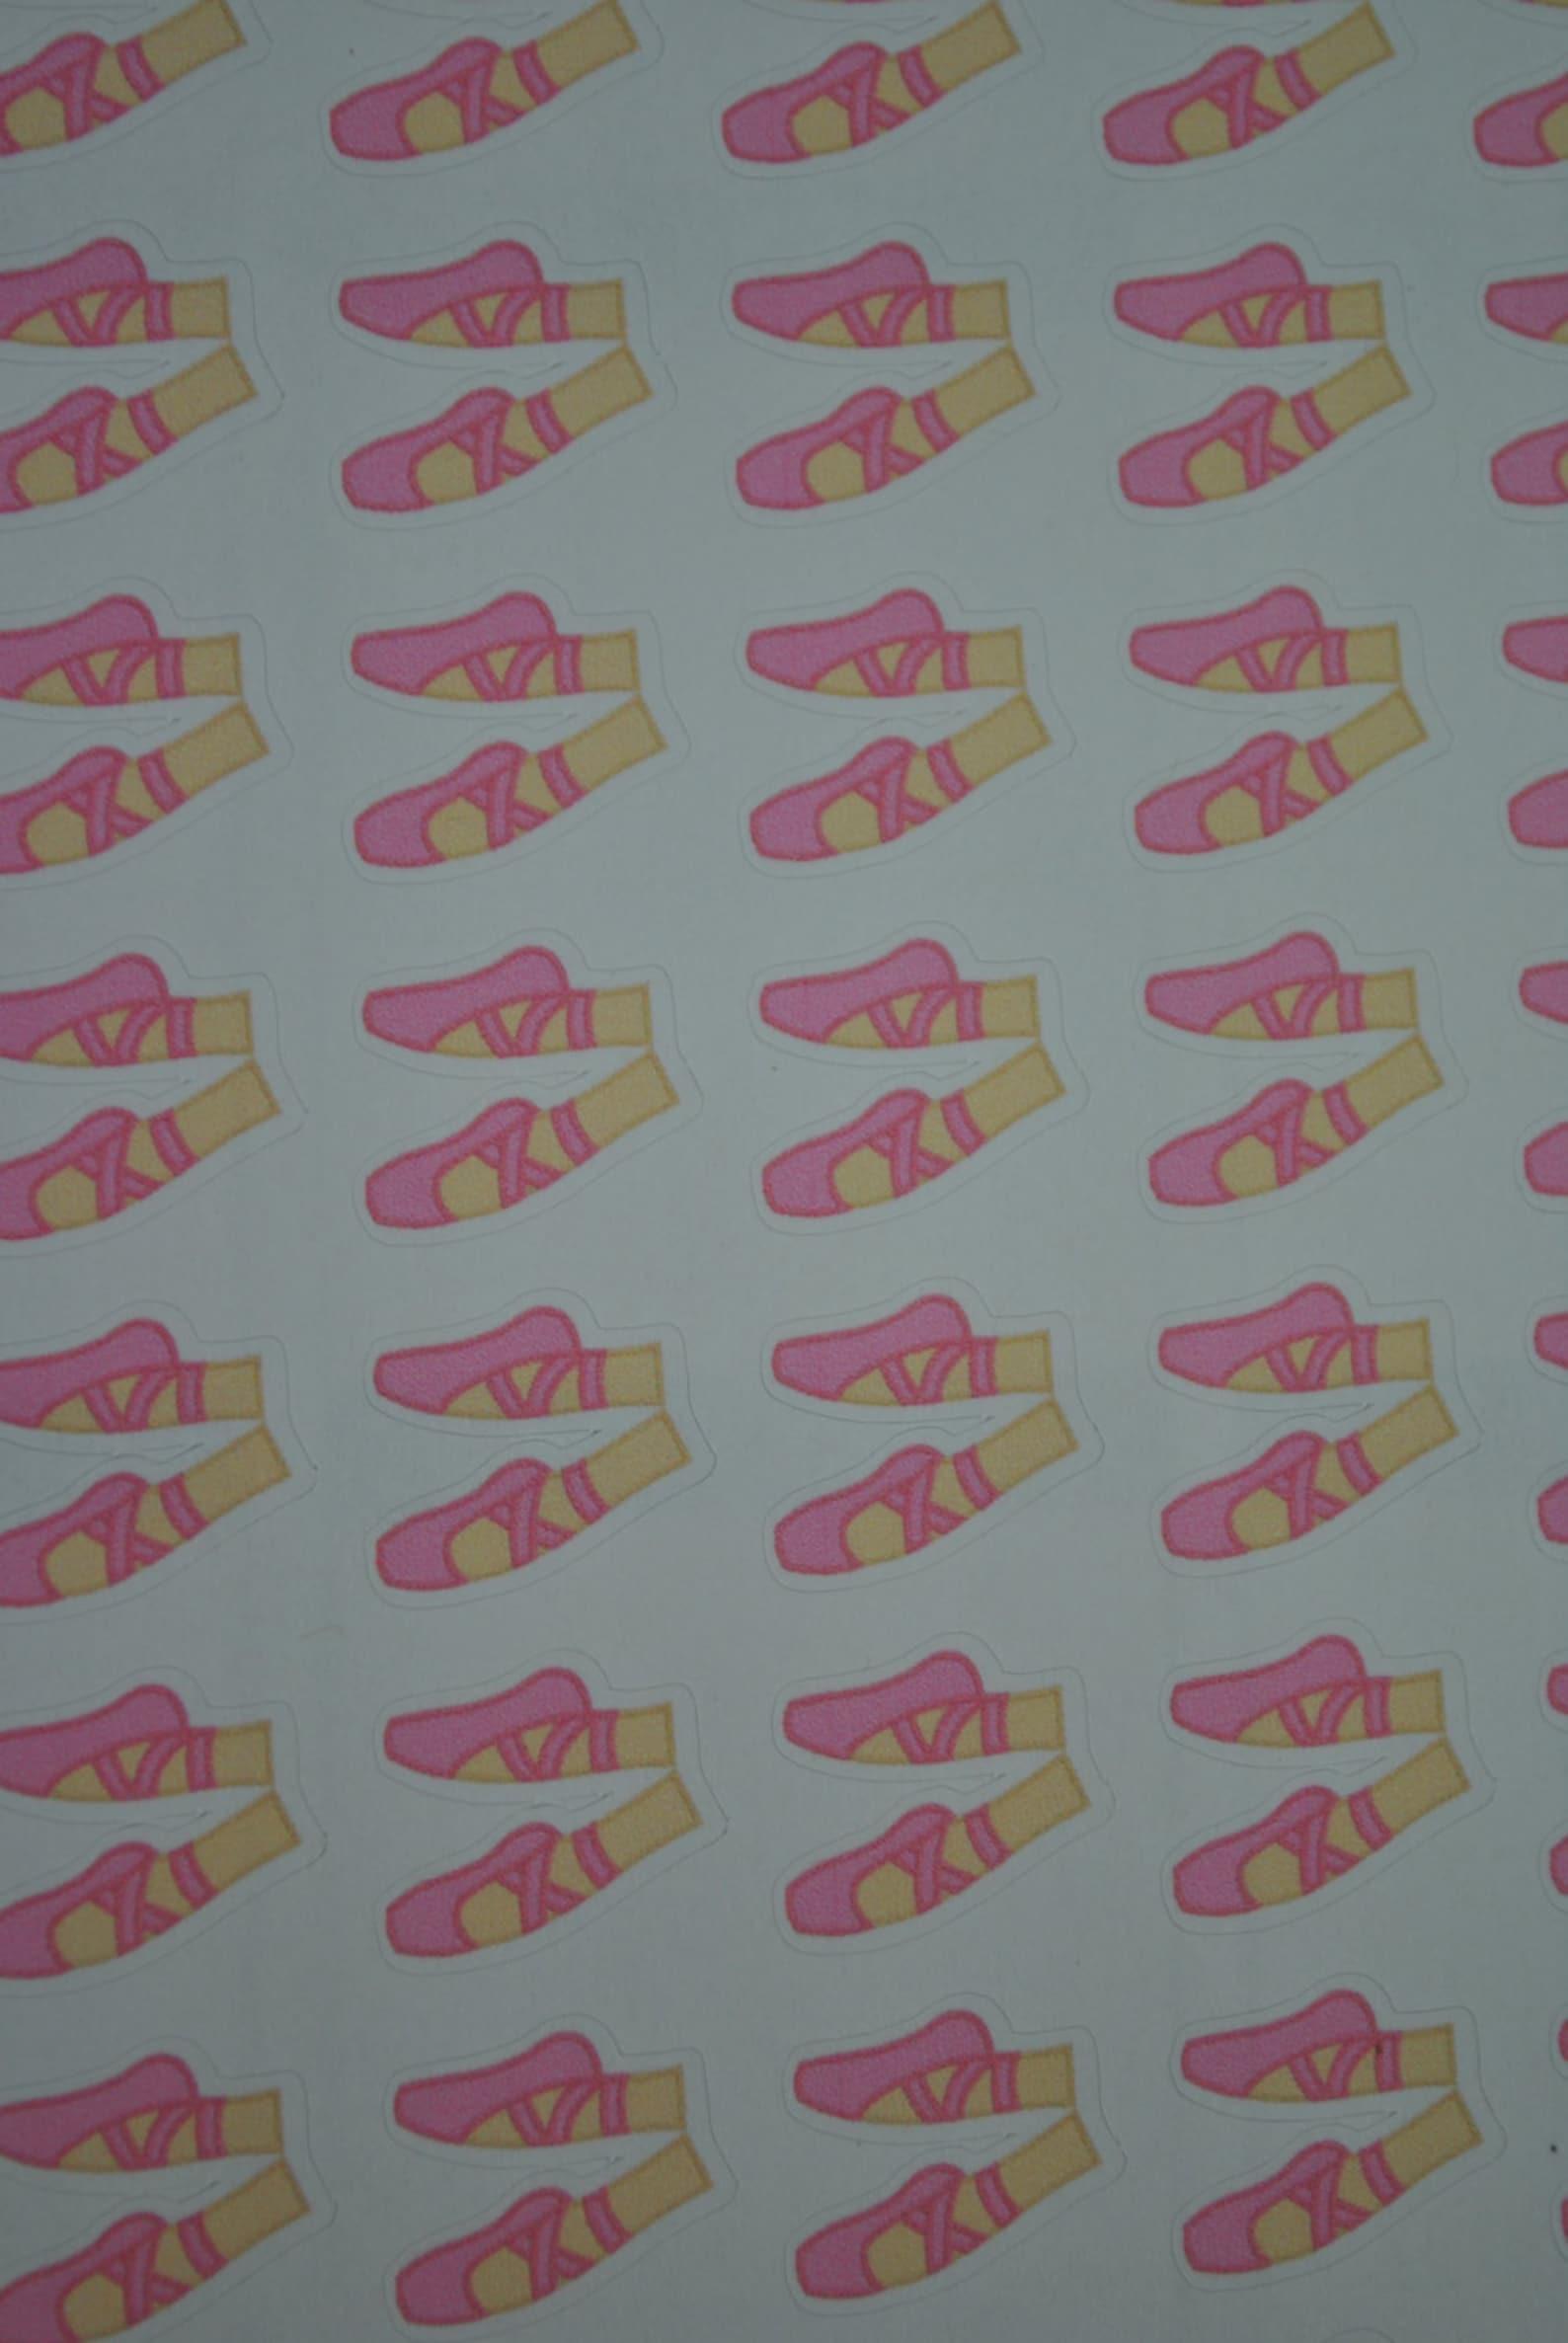 ballerina stickers ballet stickers dance stickers ballet shoe erin condren life planner plum paper planner filofax